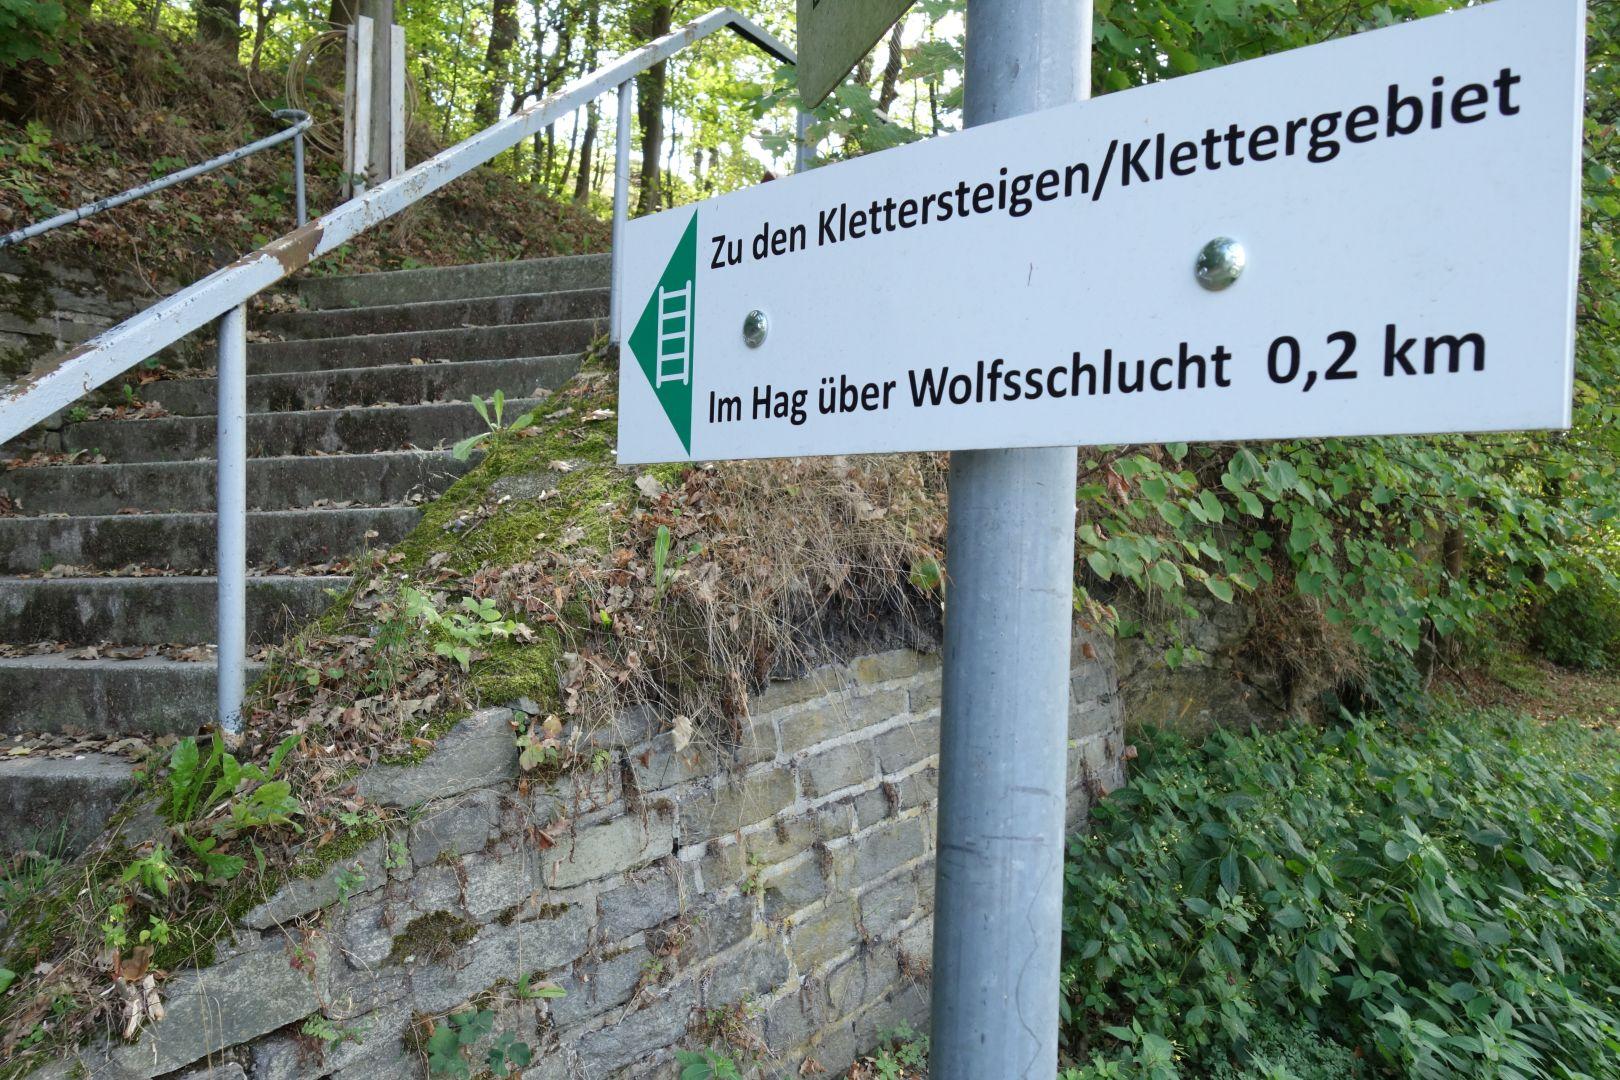 Zugangs zu den Klettersteigen